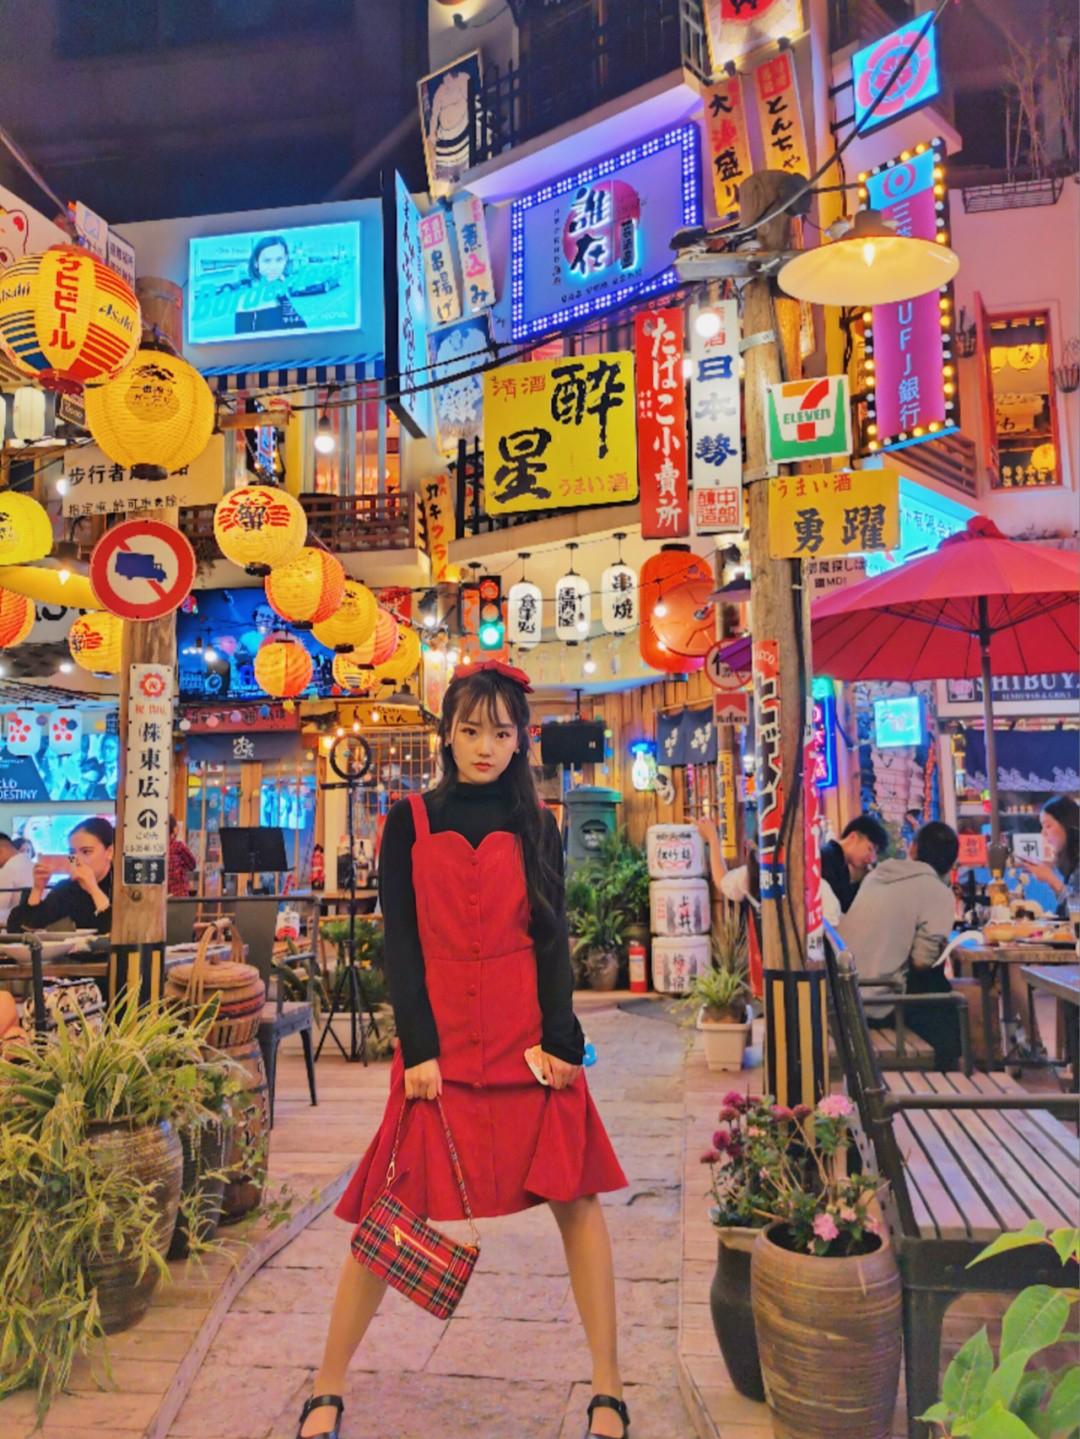 昆明美食探店|谁在居酒屋|日本街头既视感🏮